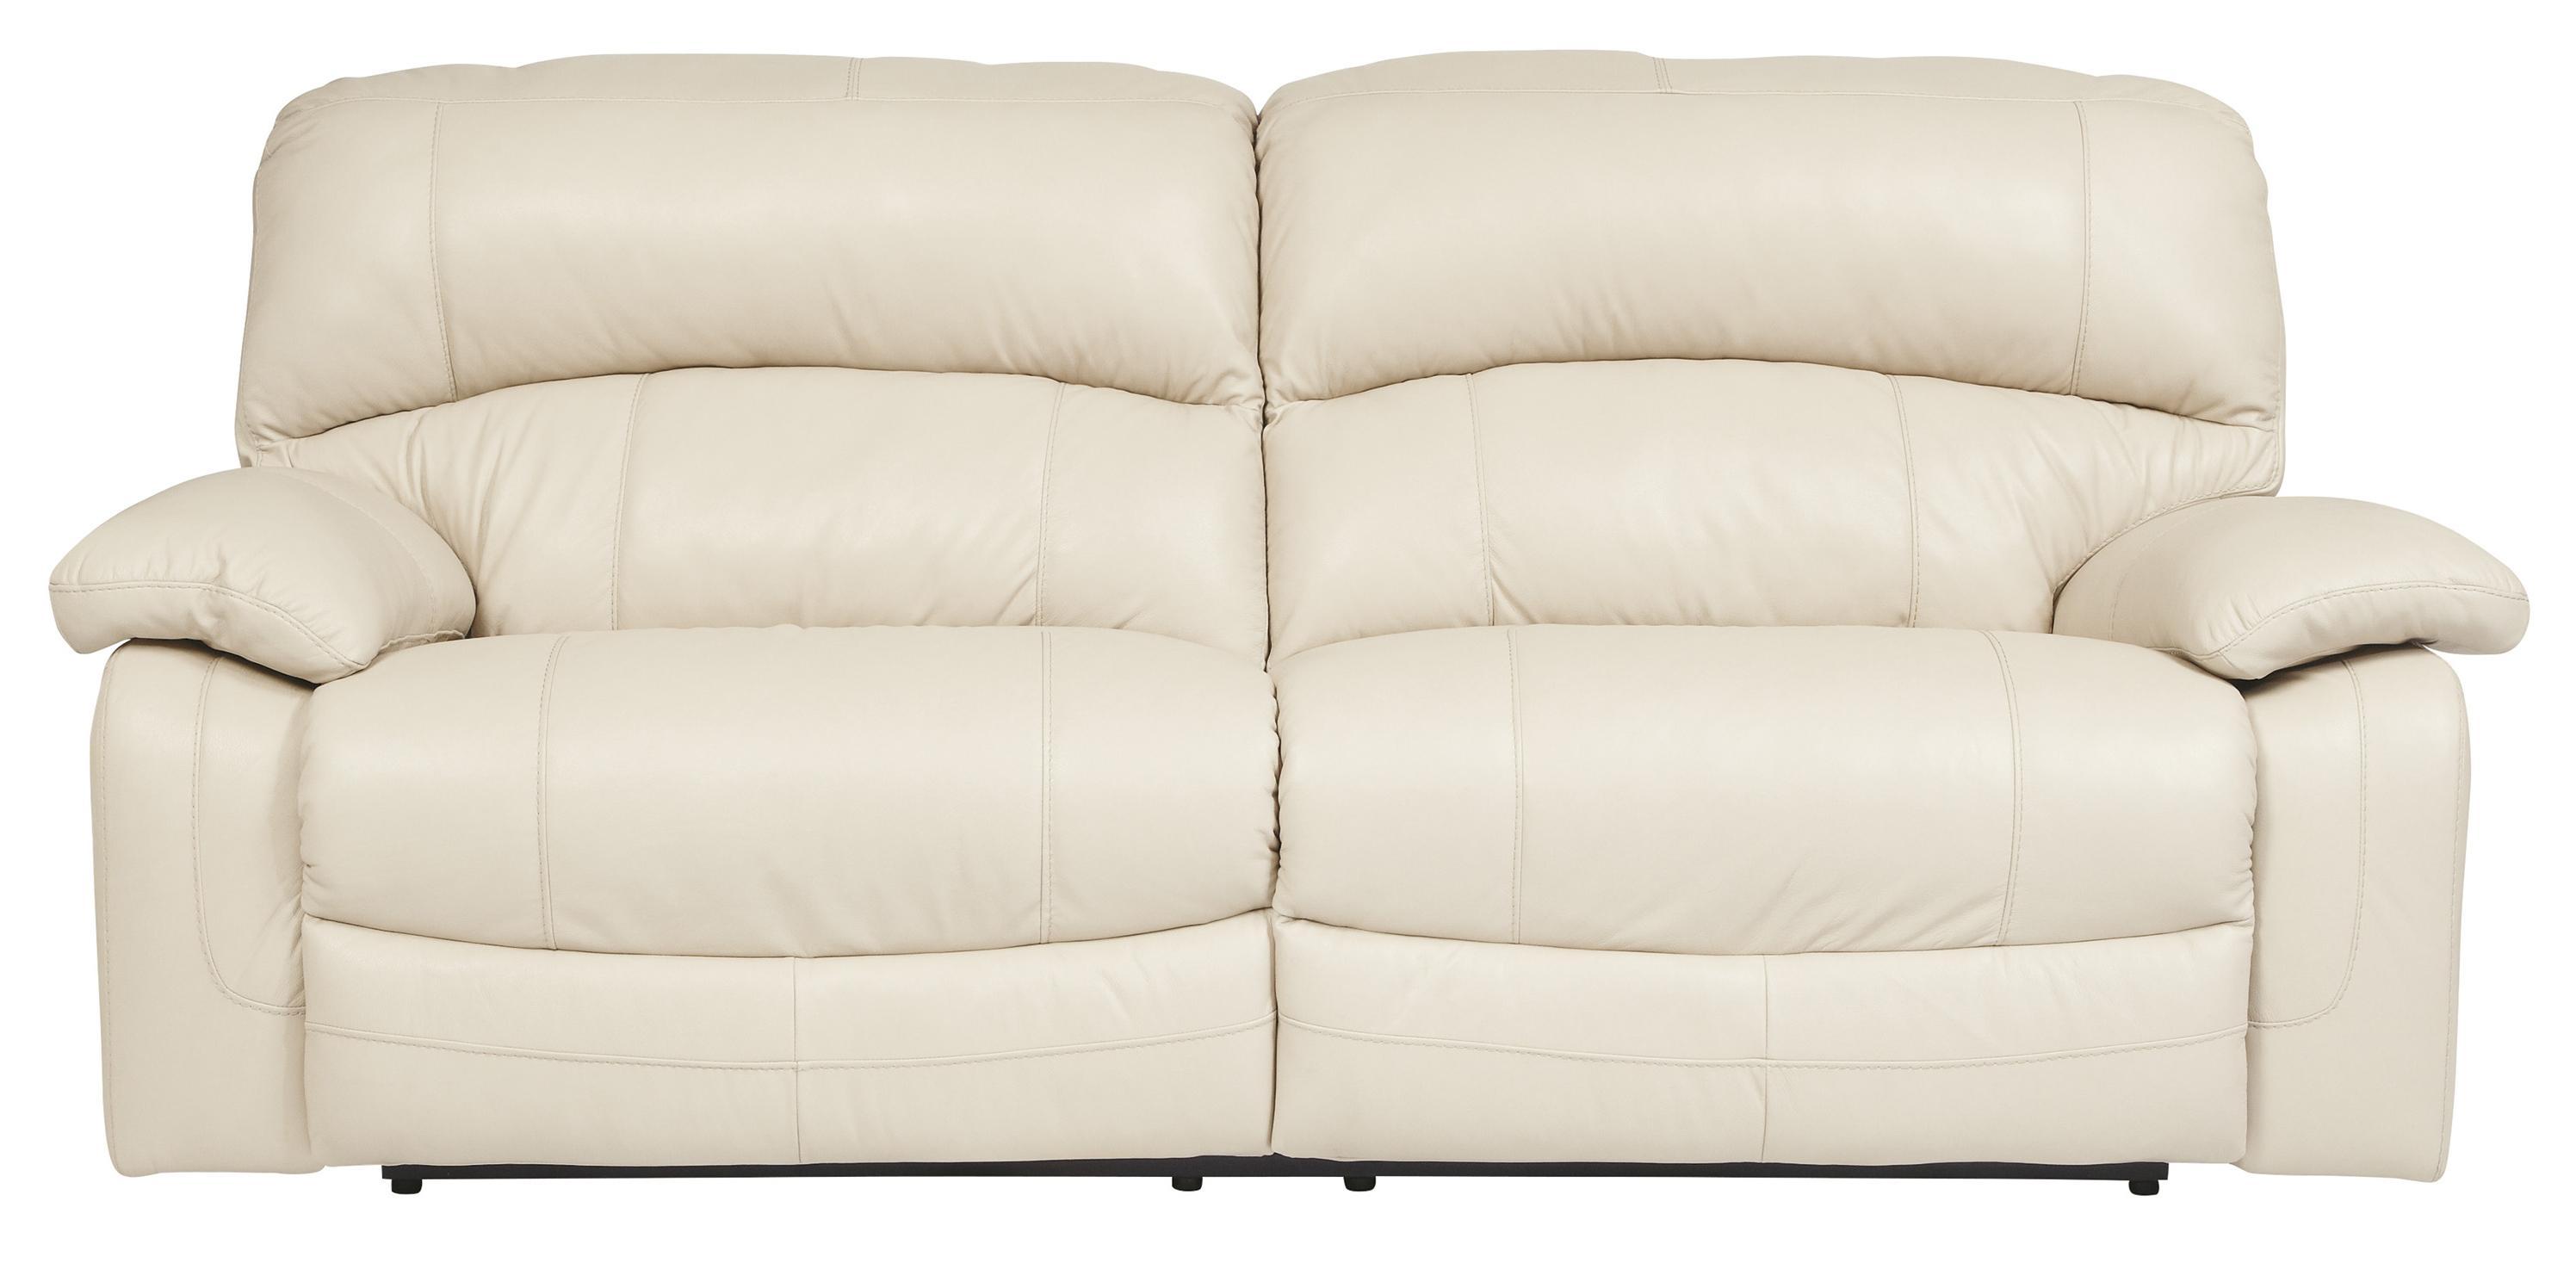 Signature Design by Ashley Damacio - Cream 2 Seat Reclining Sofa - Item Number: U9820181